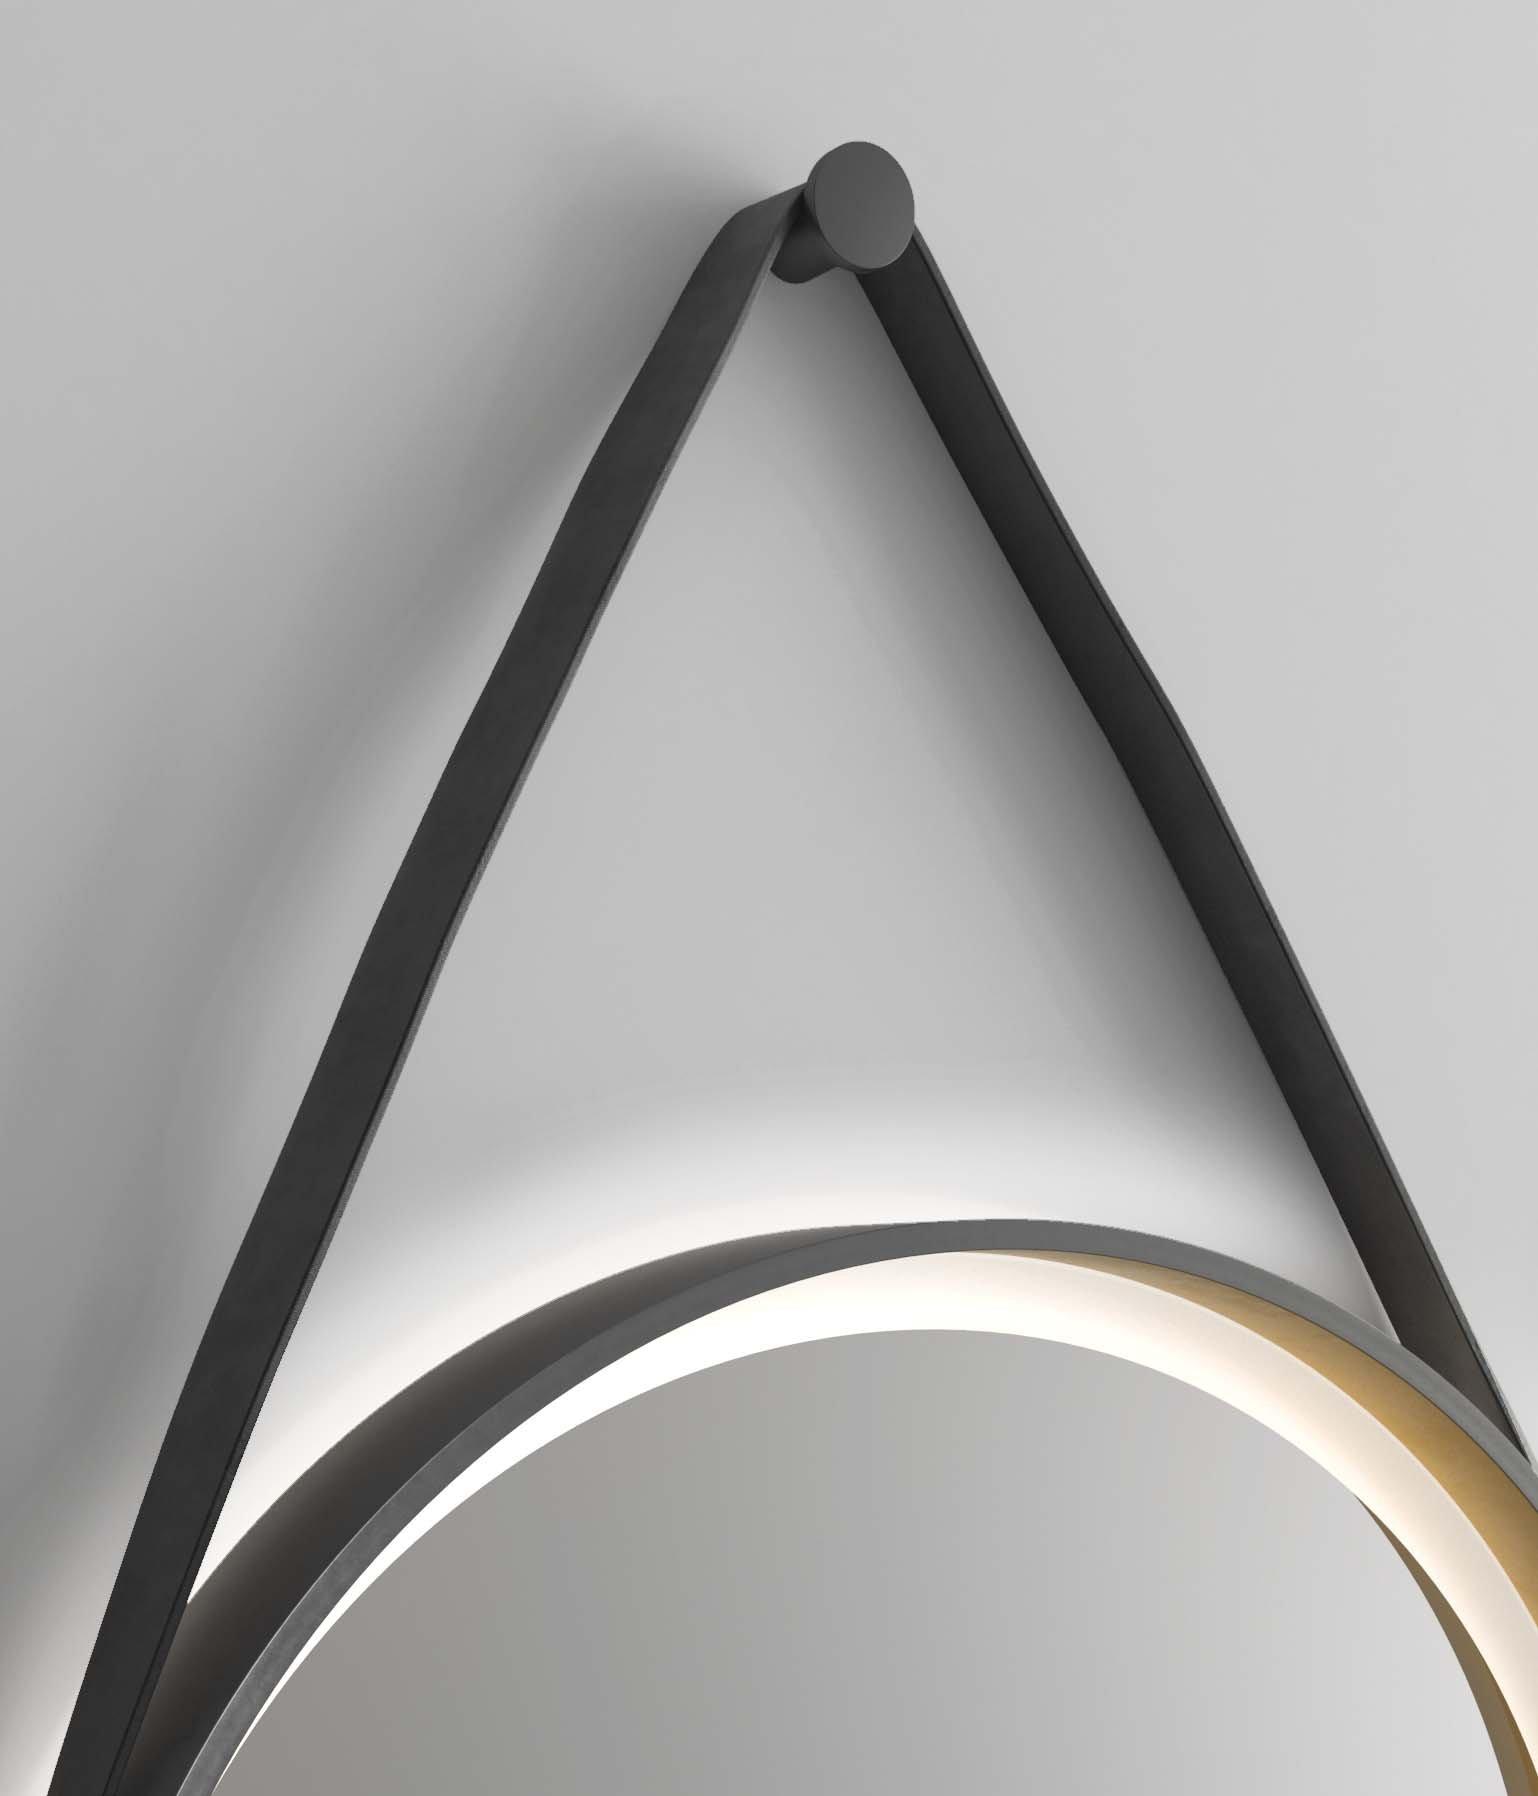 Miroir Rond Eclaire Miroir Design Talos Golden Summer